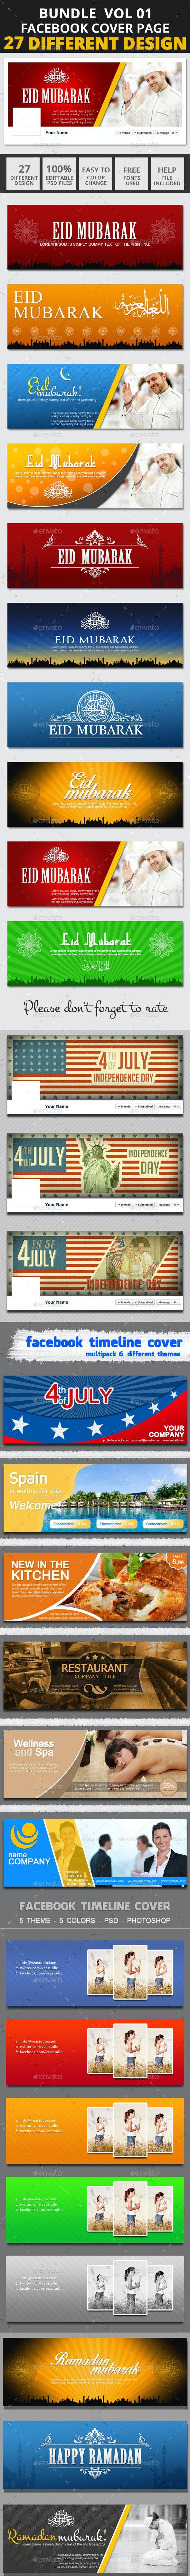 Facebook Bundle Vol01 - Facebook Timeline Covers Social Media